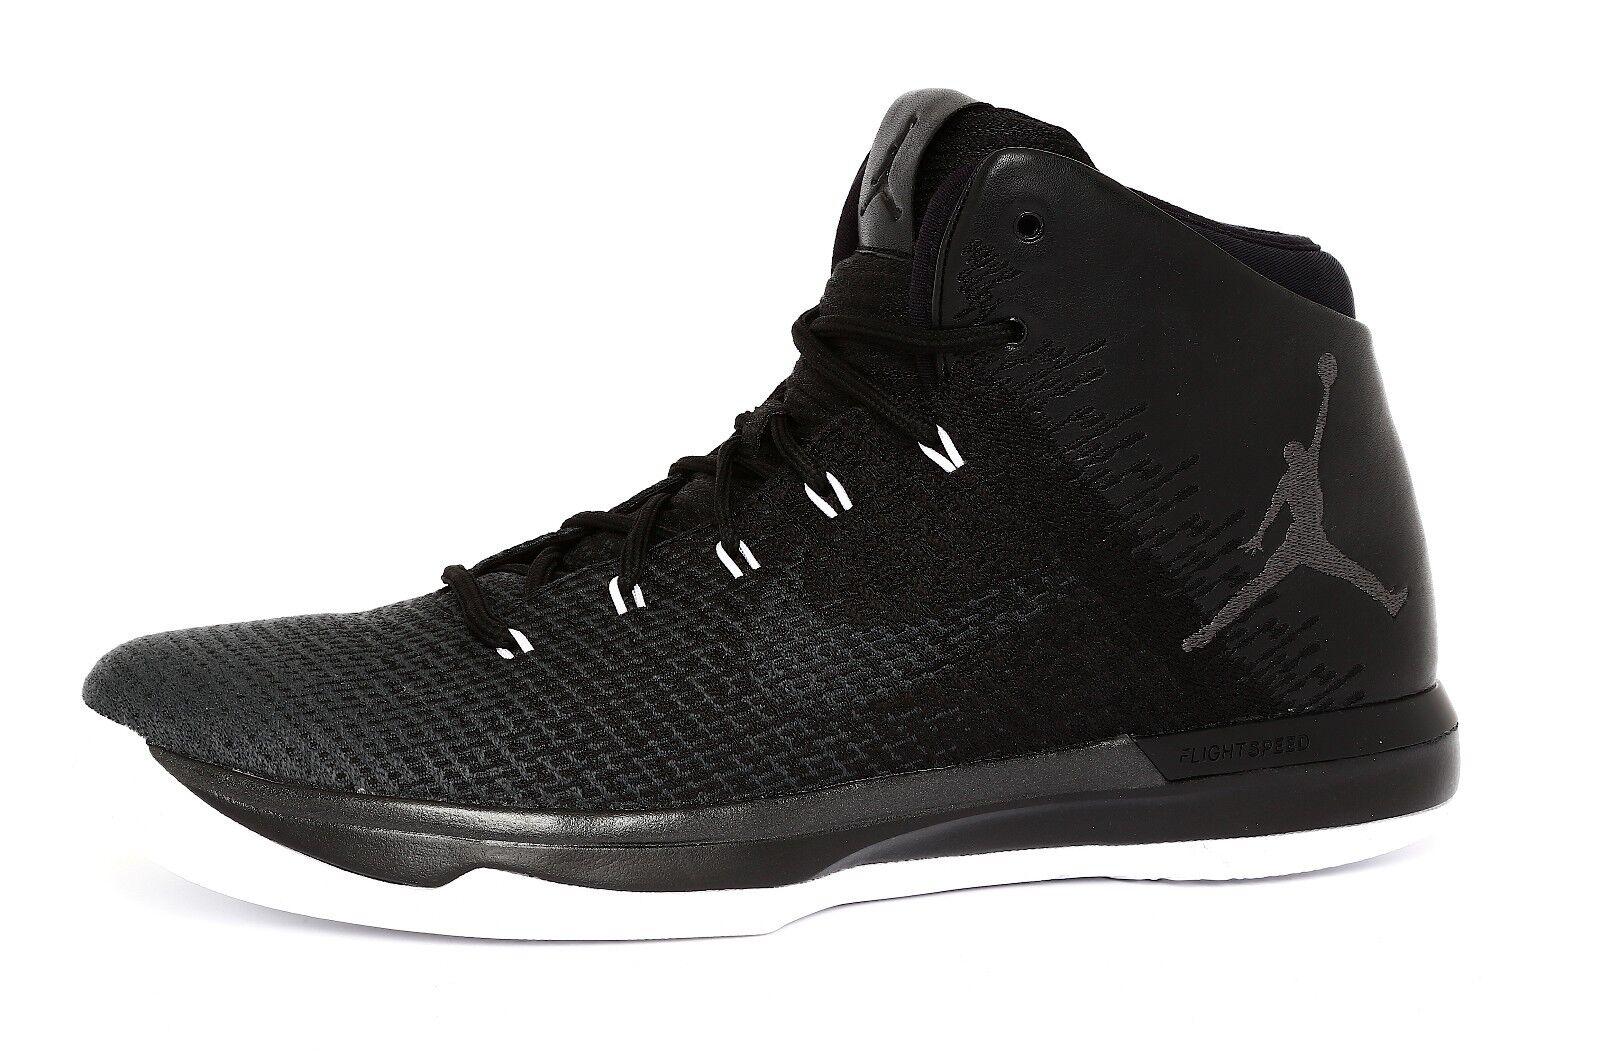 Air Jordan 31 Black Cat Mens Black Anthracite White High Top Sneakers Sz 11 4356